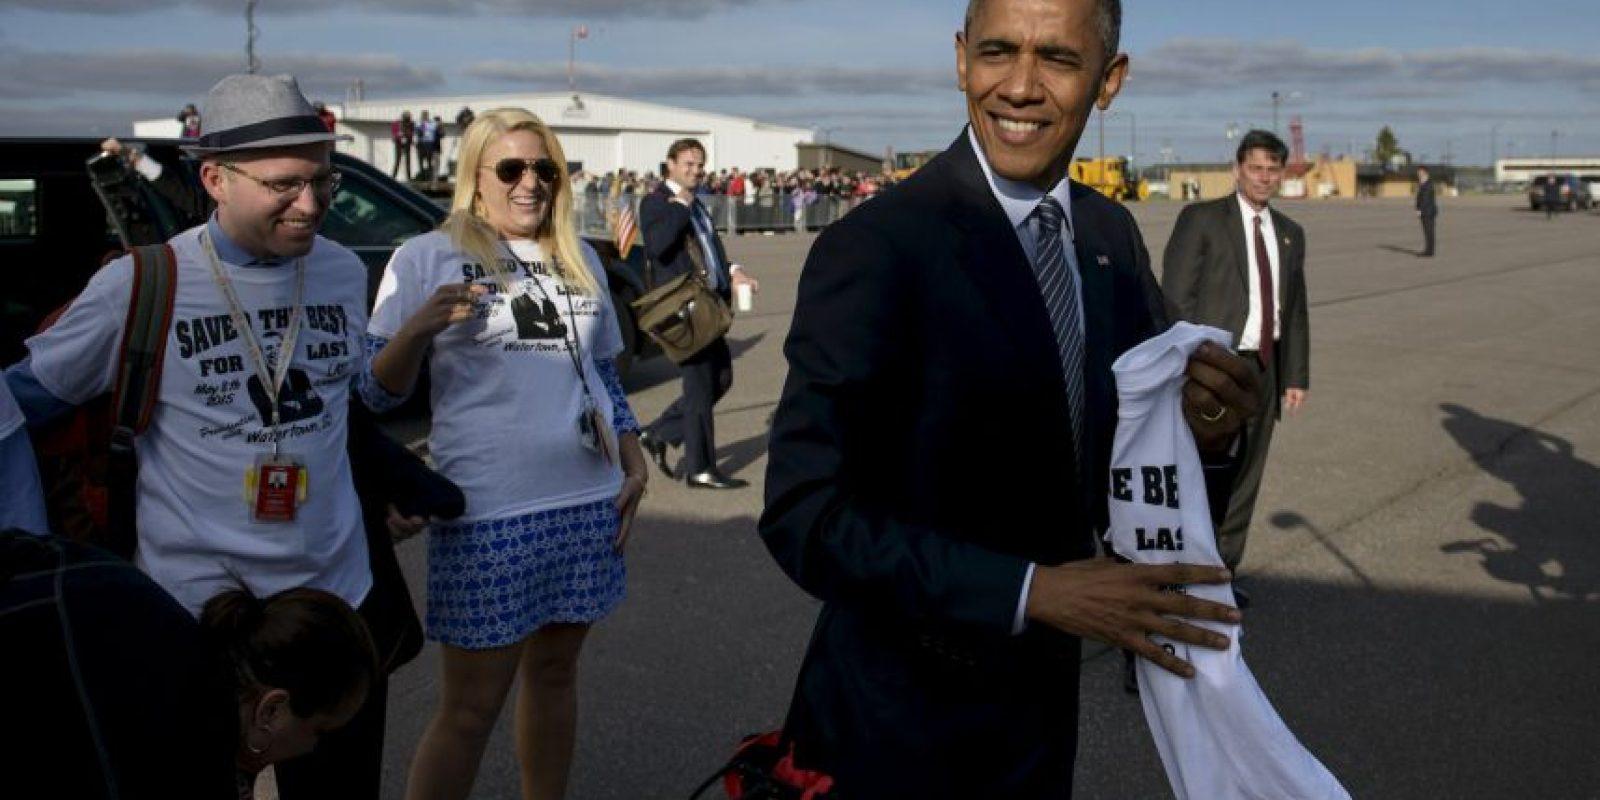 El último estado viisitado fue Dakota del Sur. Foto:AFP